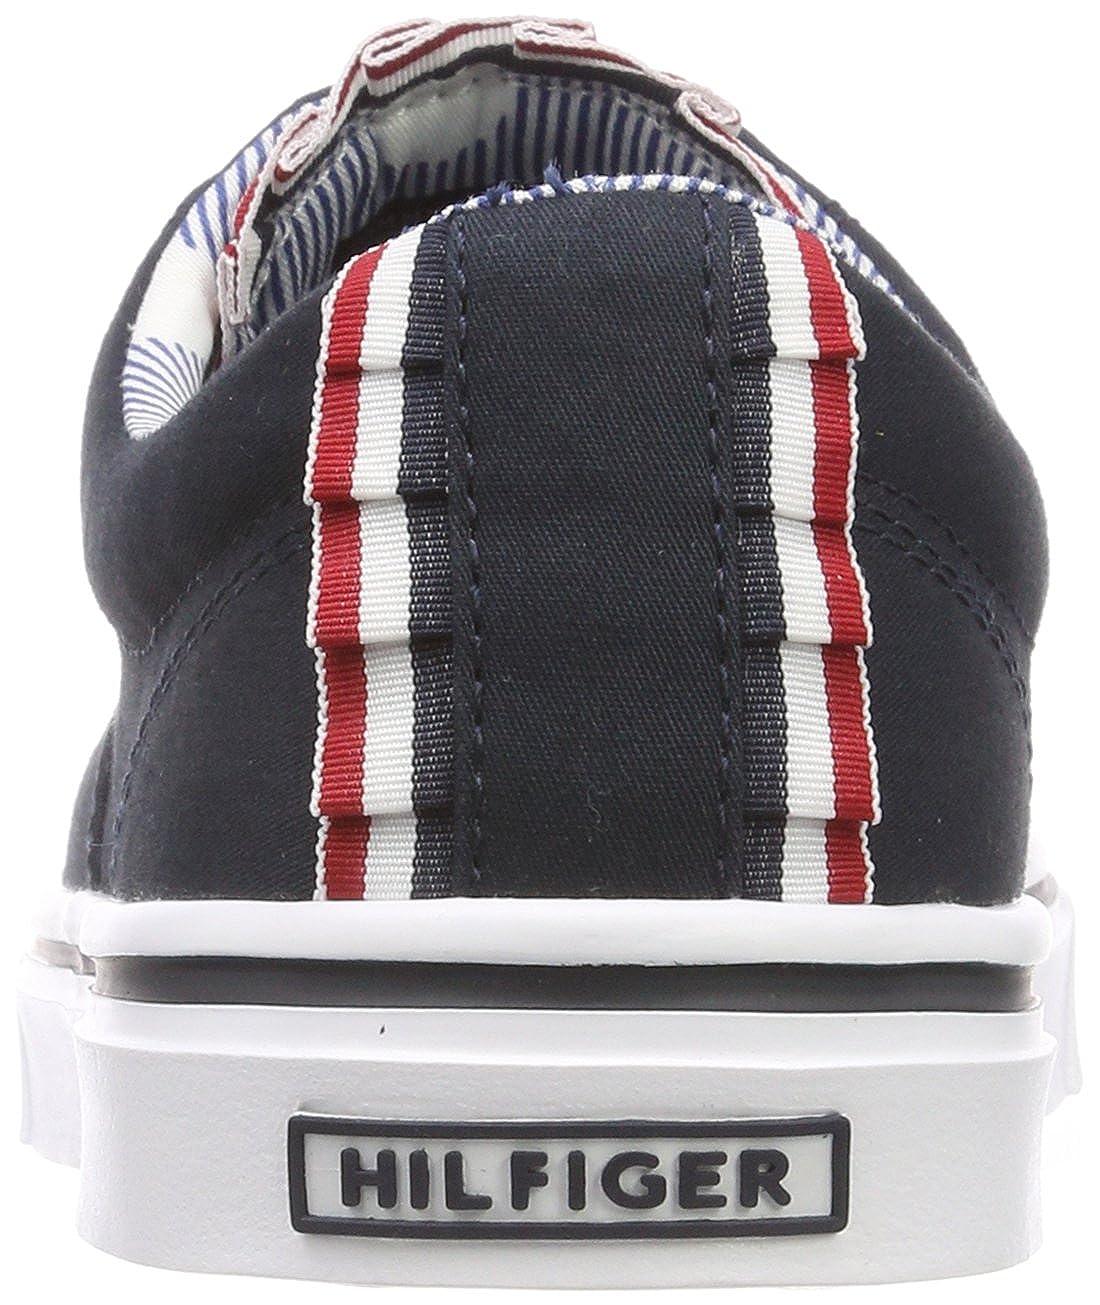 Tommy Hilfiger Damen Textile Light 403) Weight Sneaker Blau (Midnight 403) Light beaa87